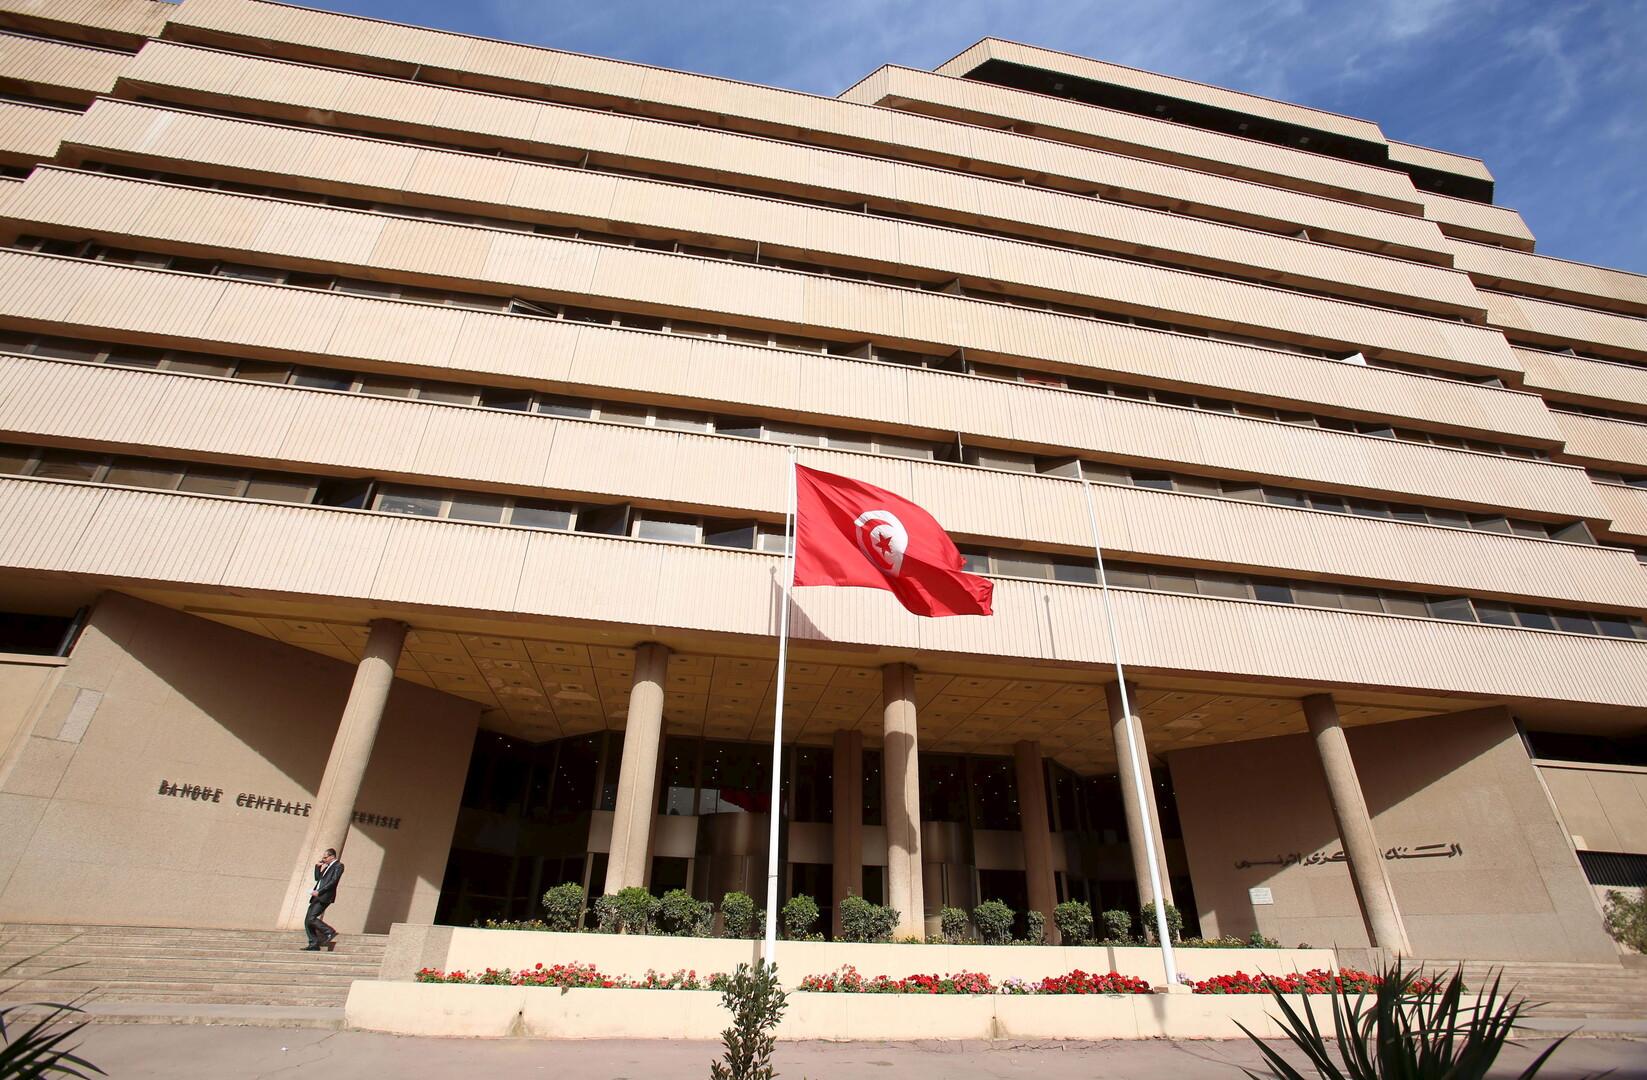 تونس رسميا خارج القائمة السوداء لمجموعة العمل المالي الدولية -